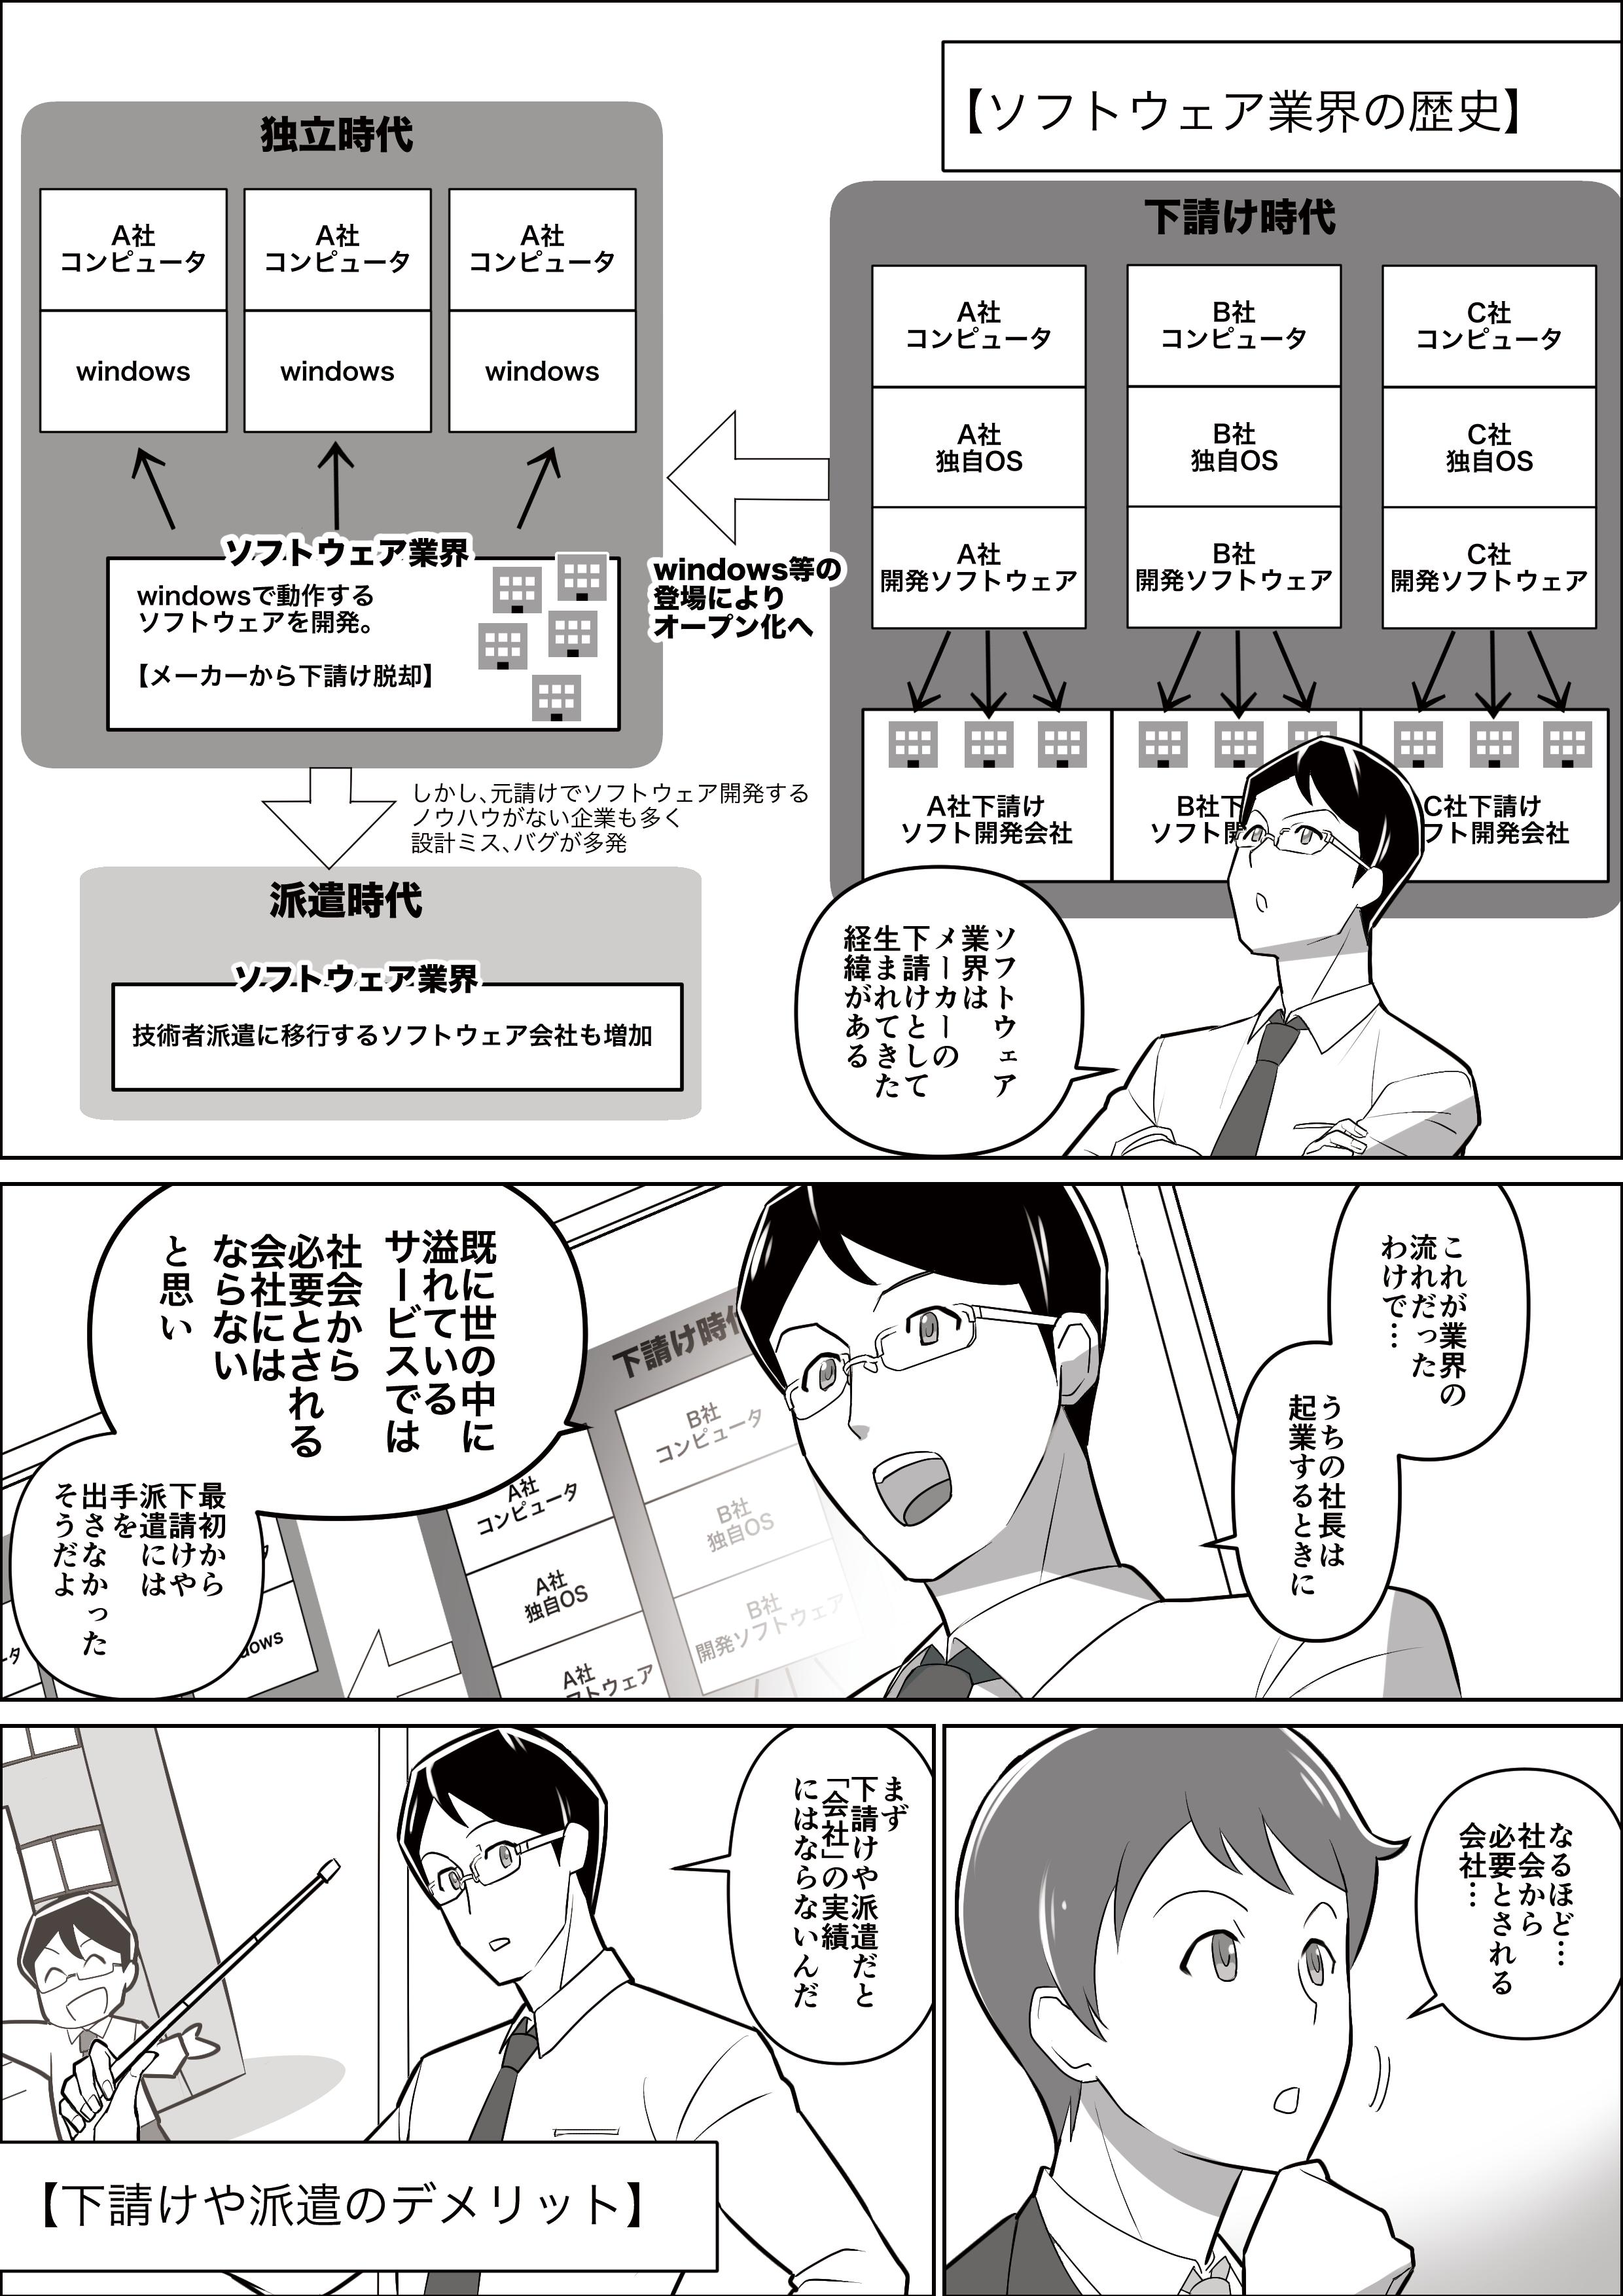 会社紹介漫画 新卒編3